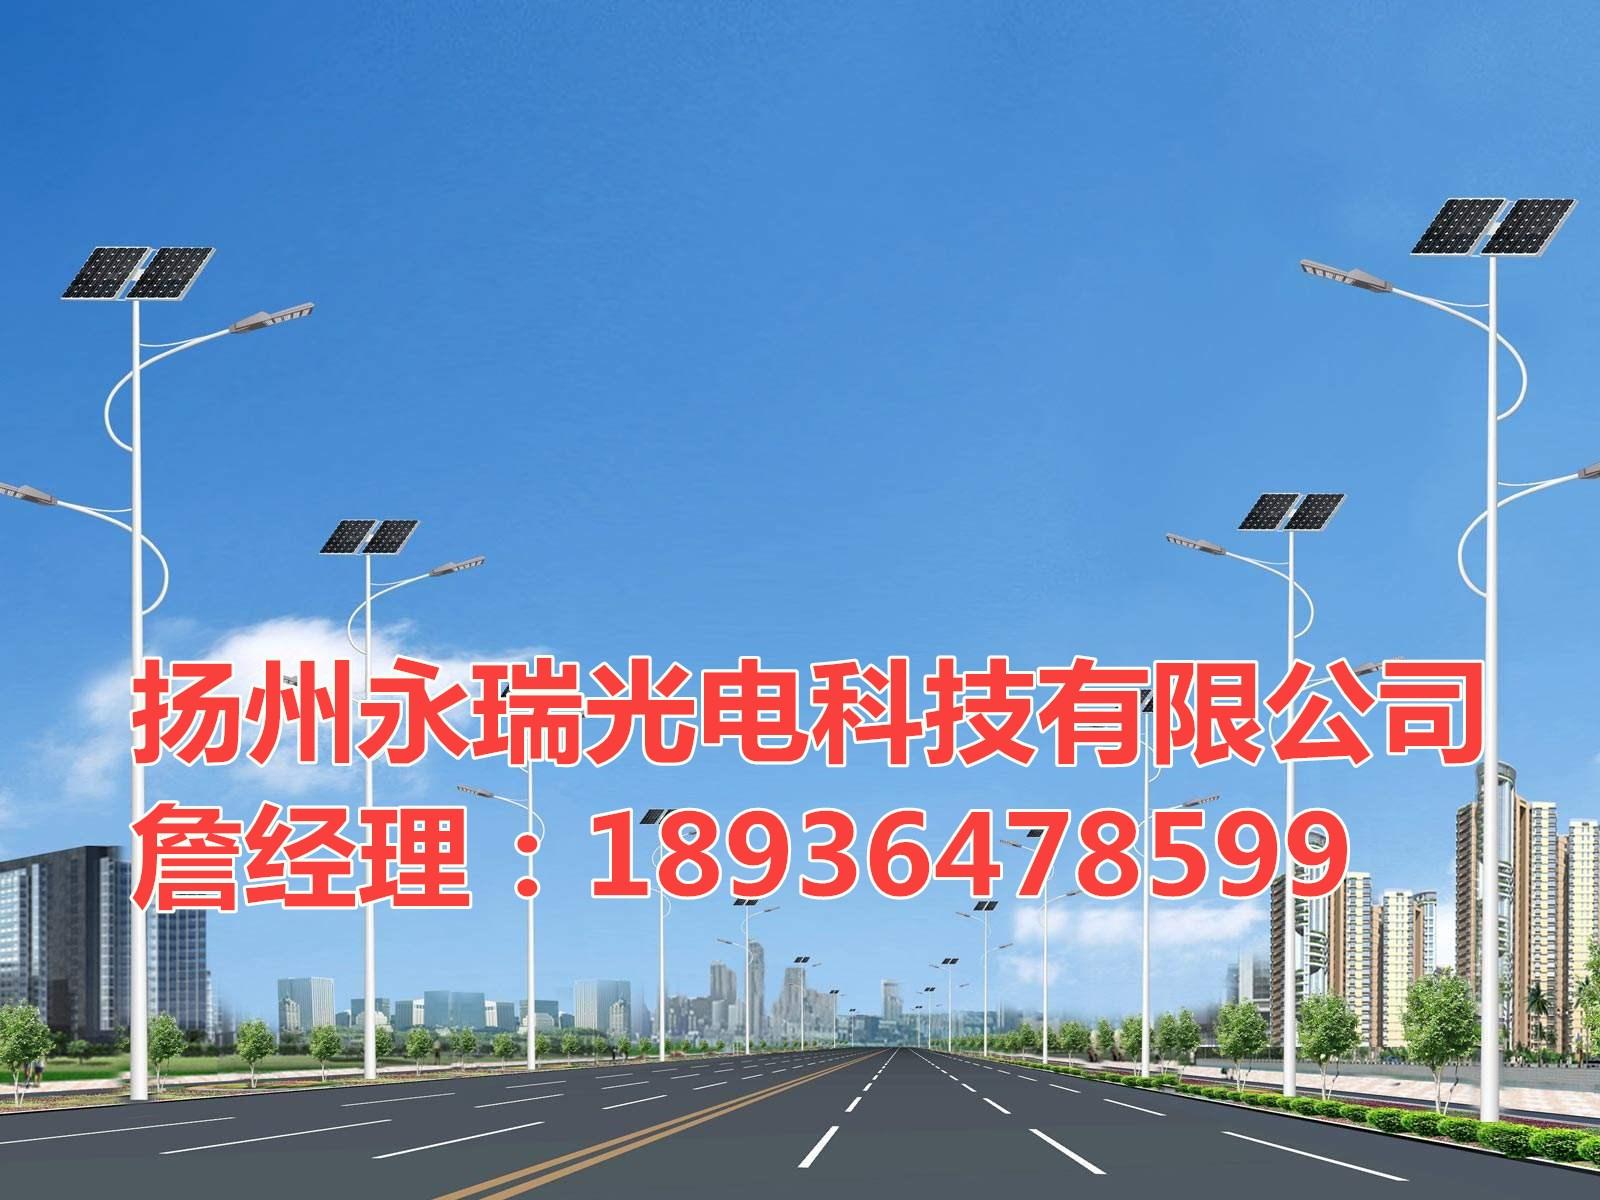 蚌埠太阳能路灯价格厂家批发-指导安装